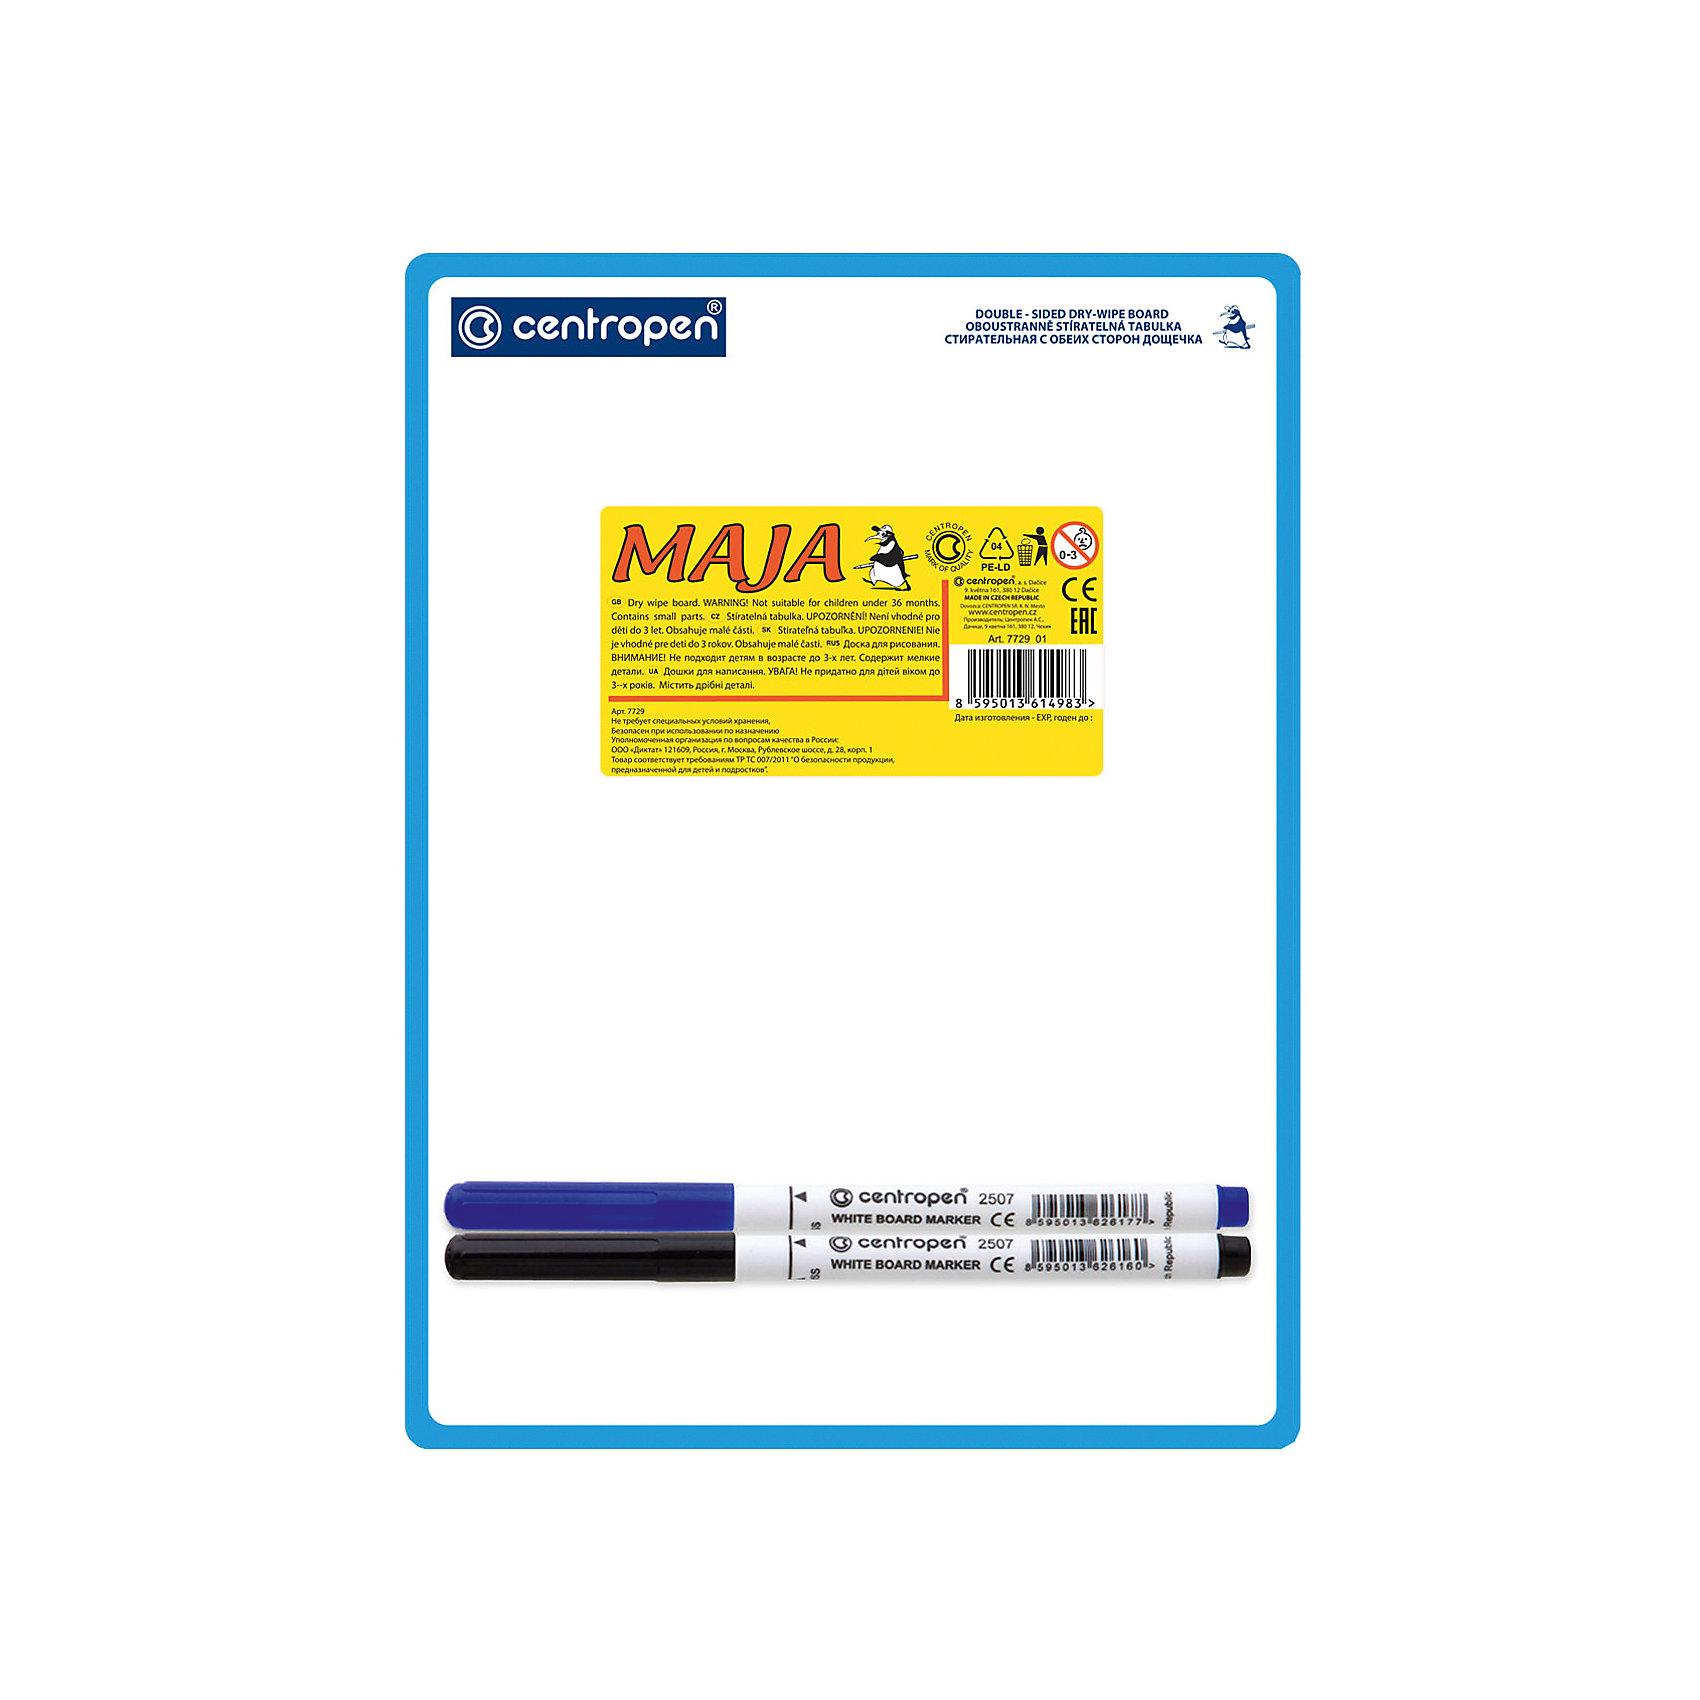 CENTROPEN Доска двухсторонняяДоски<br>Характеристики товара:<br><br>• есть отверстие для подвешивания;<br>• два маркера в комплекте;<br>• цвета маркеров: синий, чёрный;<br>• формат доски: А5;<br>• размер доски: 18х24 см;<br>• материал: пластик;<br>• размер упаковки: 1х18х24 см;<br>• вес: 79 грамм;<br>• возраст: от 3 лет.<br><br>Двусторонняя доска Centropen подходит для обучения и самостоятельных занятий. В комплект входят два маркера синего и черного цветов. После работы с доской рисунки легко стираются губкой. Доска имеет небольшой размер, благодаря чему ее удобно брать с собой. С верхнего края есть специальное отверстие для подвешивания.<br><br>CENTROPEN Доску двухстороннюю можно купить в нашем интернет-магазине.<br><br>Ширина мм: 240<br>Глубина мм: 180<br>Высота мм: 10<br>Вес г: 79<br>Возраст от месяцев: 36<br>Возраст до месяцев: 168<br>Пол: Унисекс<br>Возраст: Детский<br>SKU: 6859009